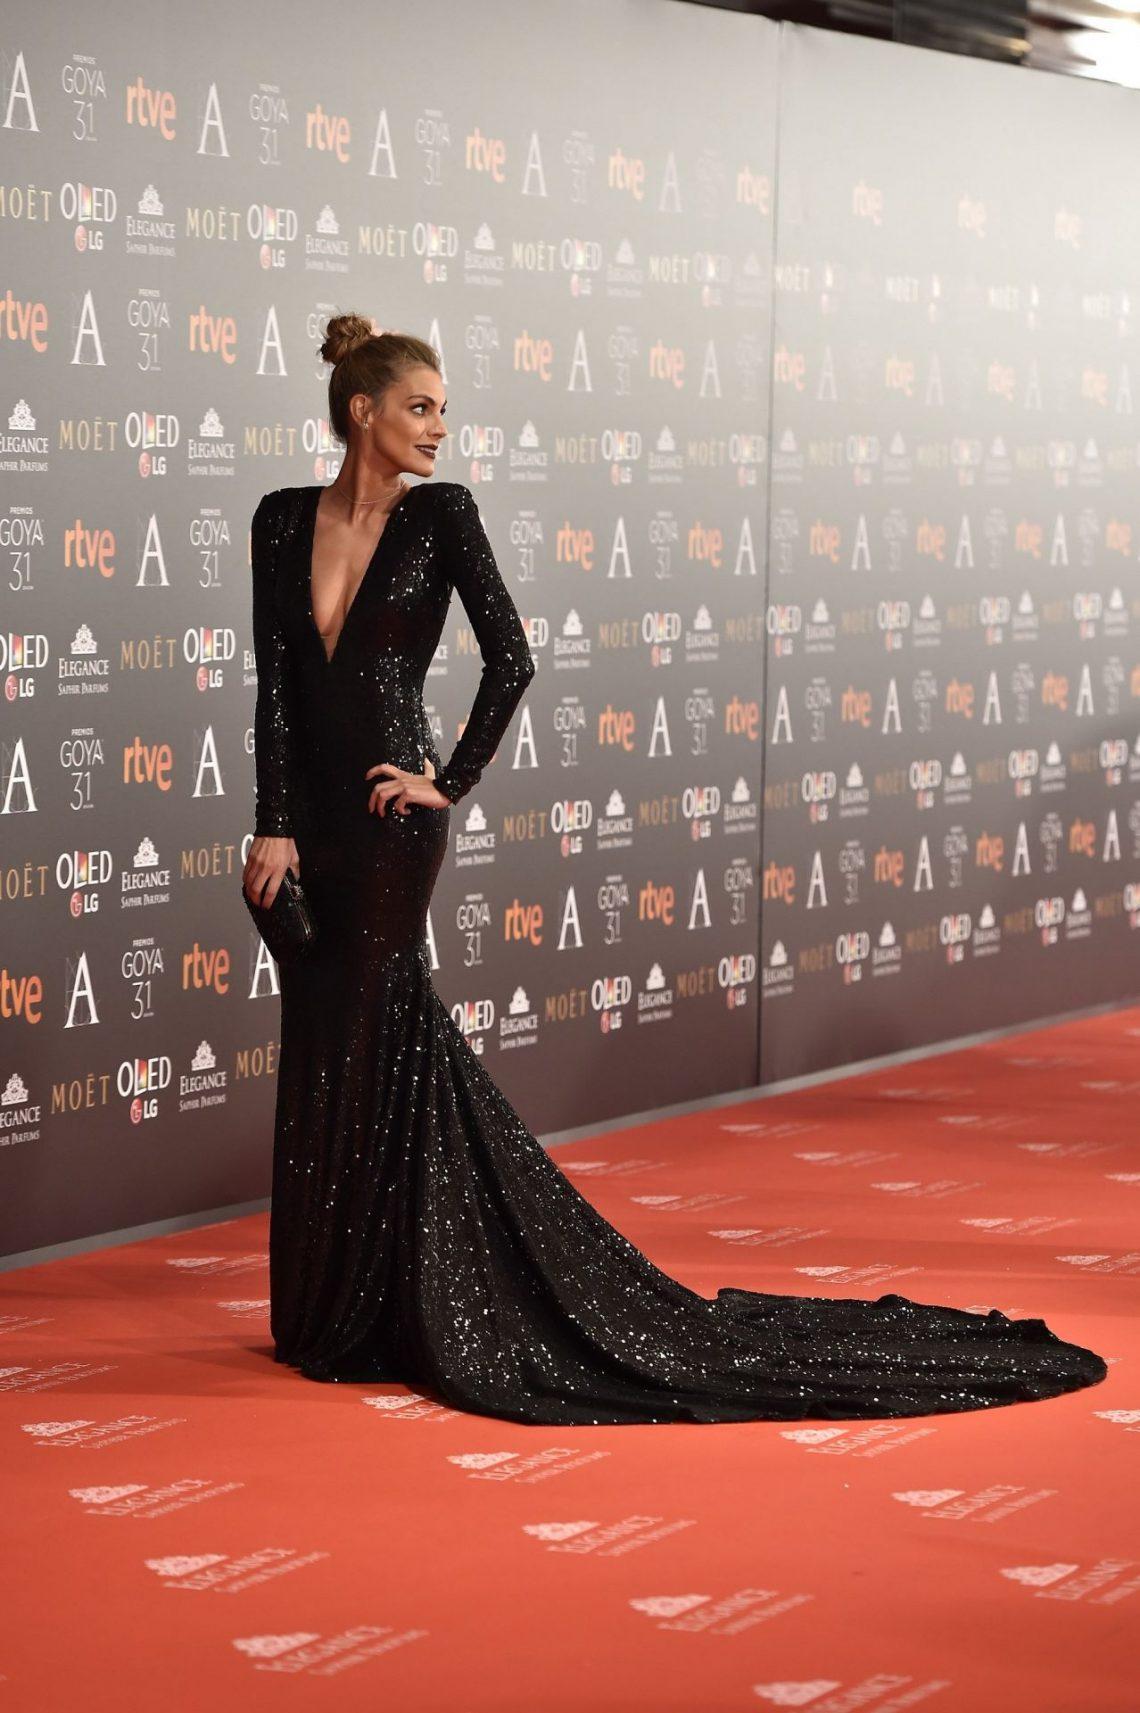 Vestido Los El Living Gala Amaia Salamanca Goya Impactante De 2017 n0vmN8w